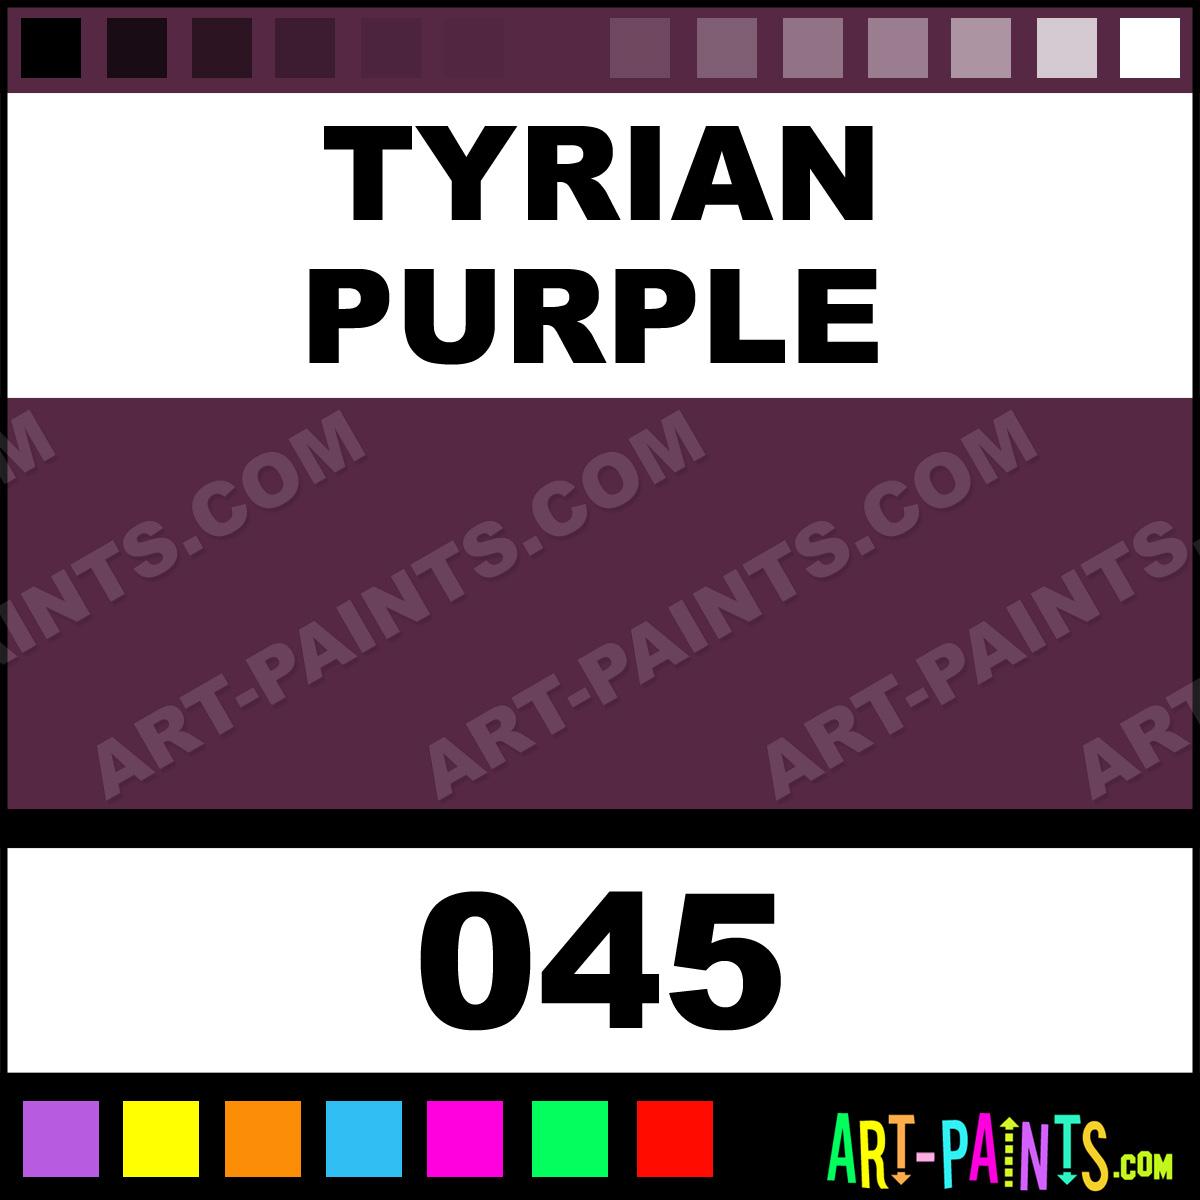 tyrian purple antique gouache paints 045 tyrian purple